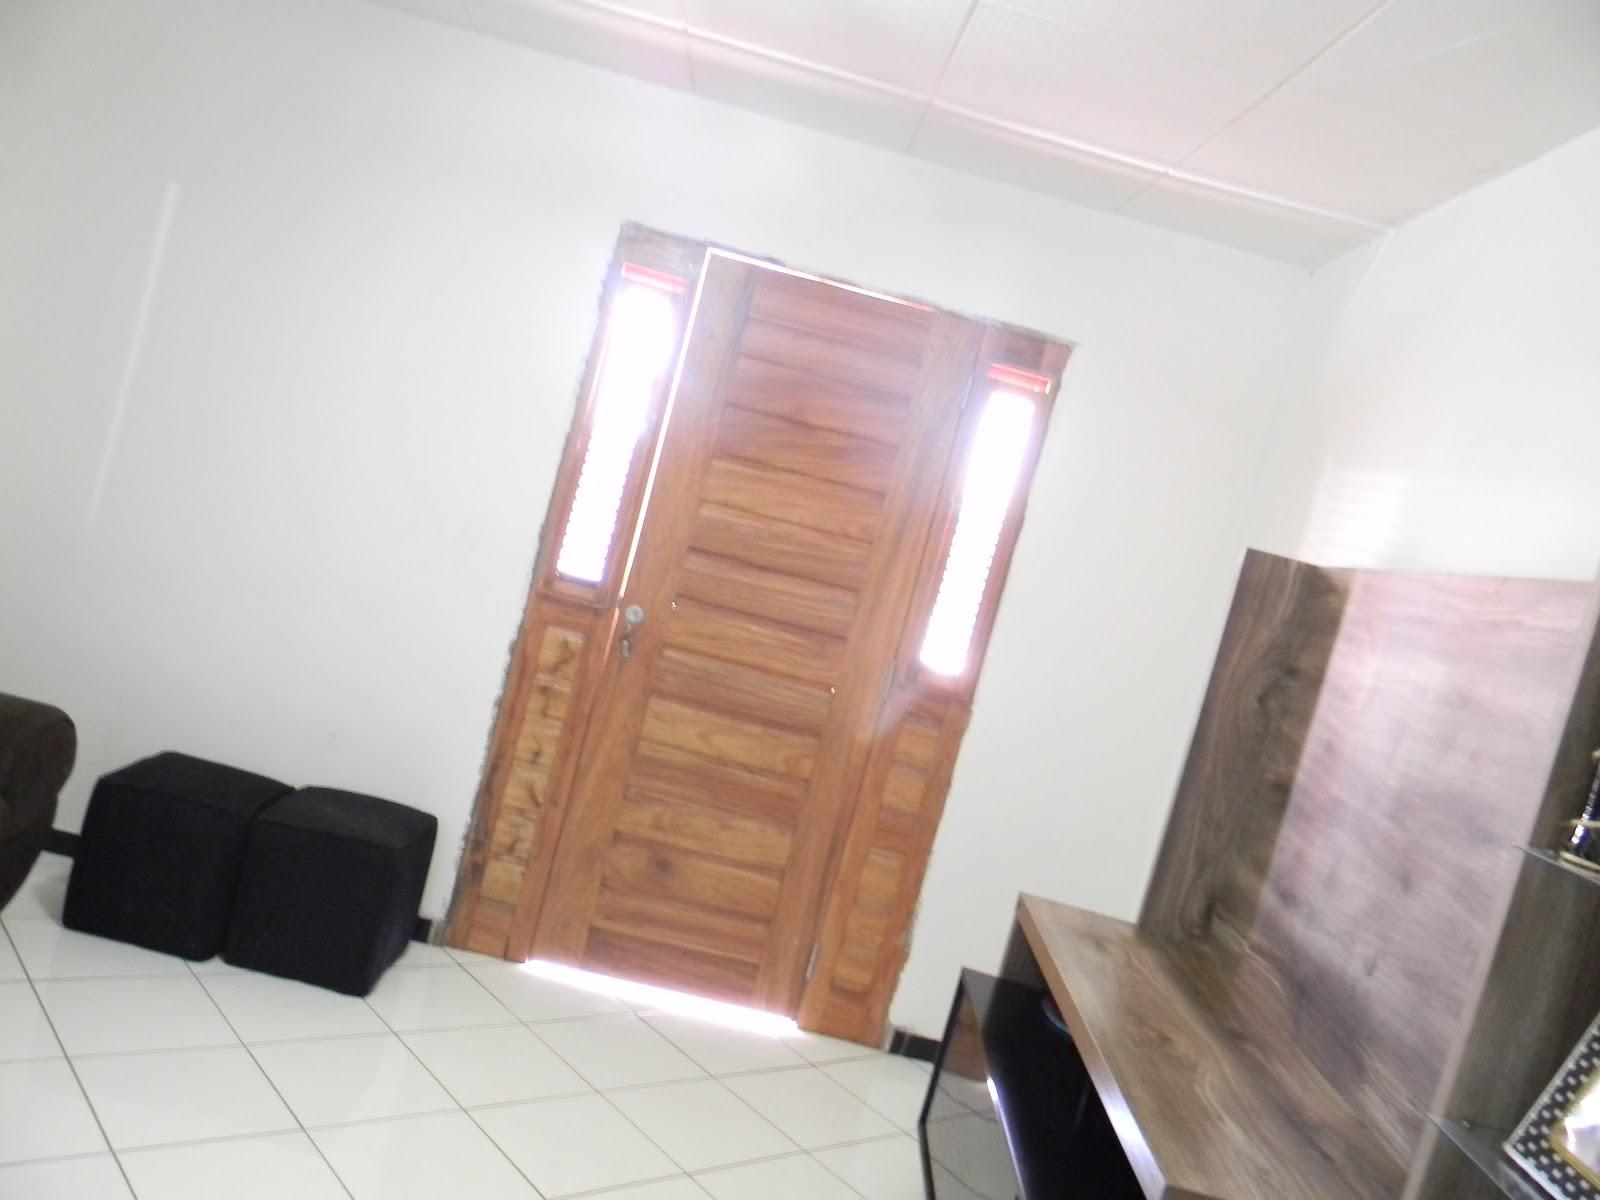 #8A5F41  Como Decorar Uma Sala Simples E Pequena Como Decorar Uma Sala Simples 1600x1200 píxeis em Como Decorar Uma Sala Pequena Com Pouco Dinheiro